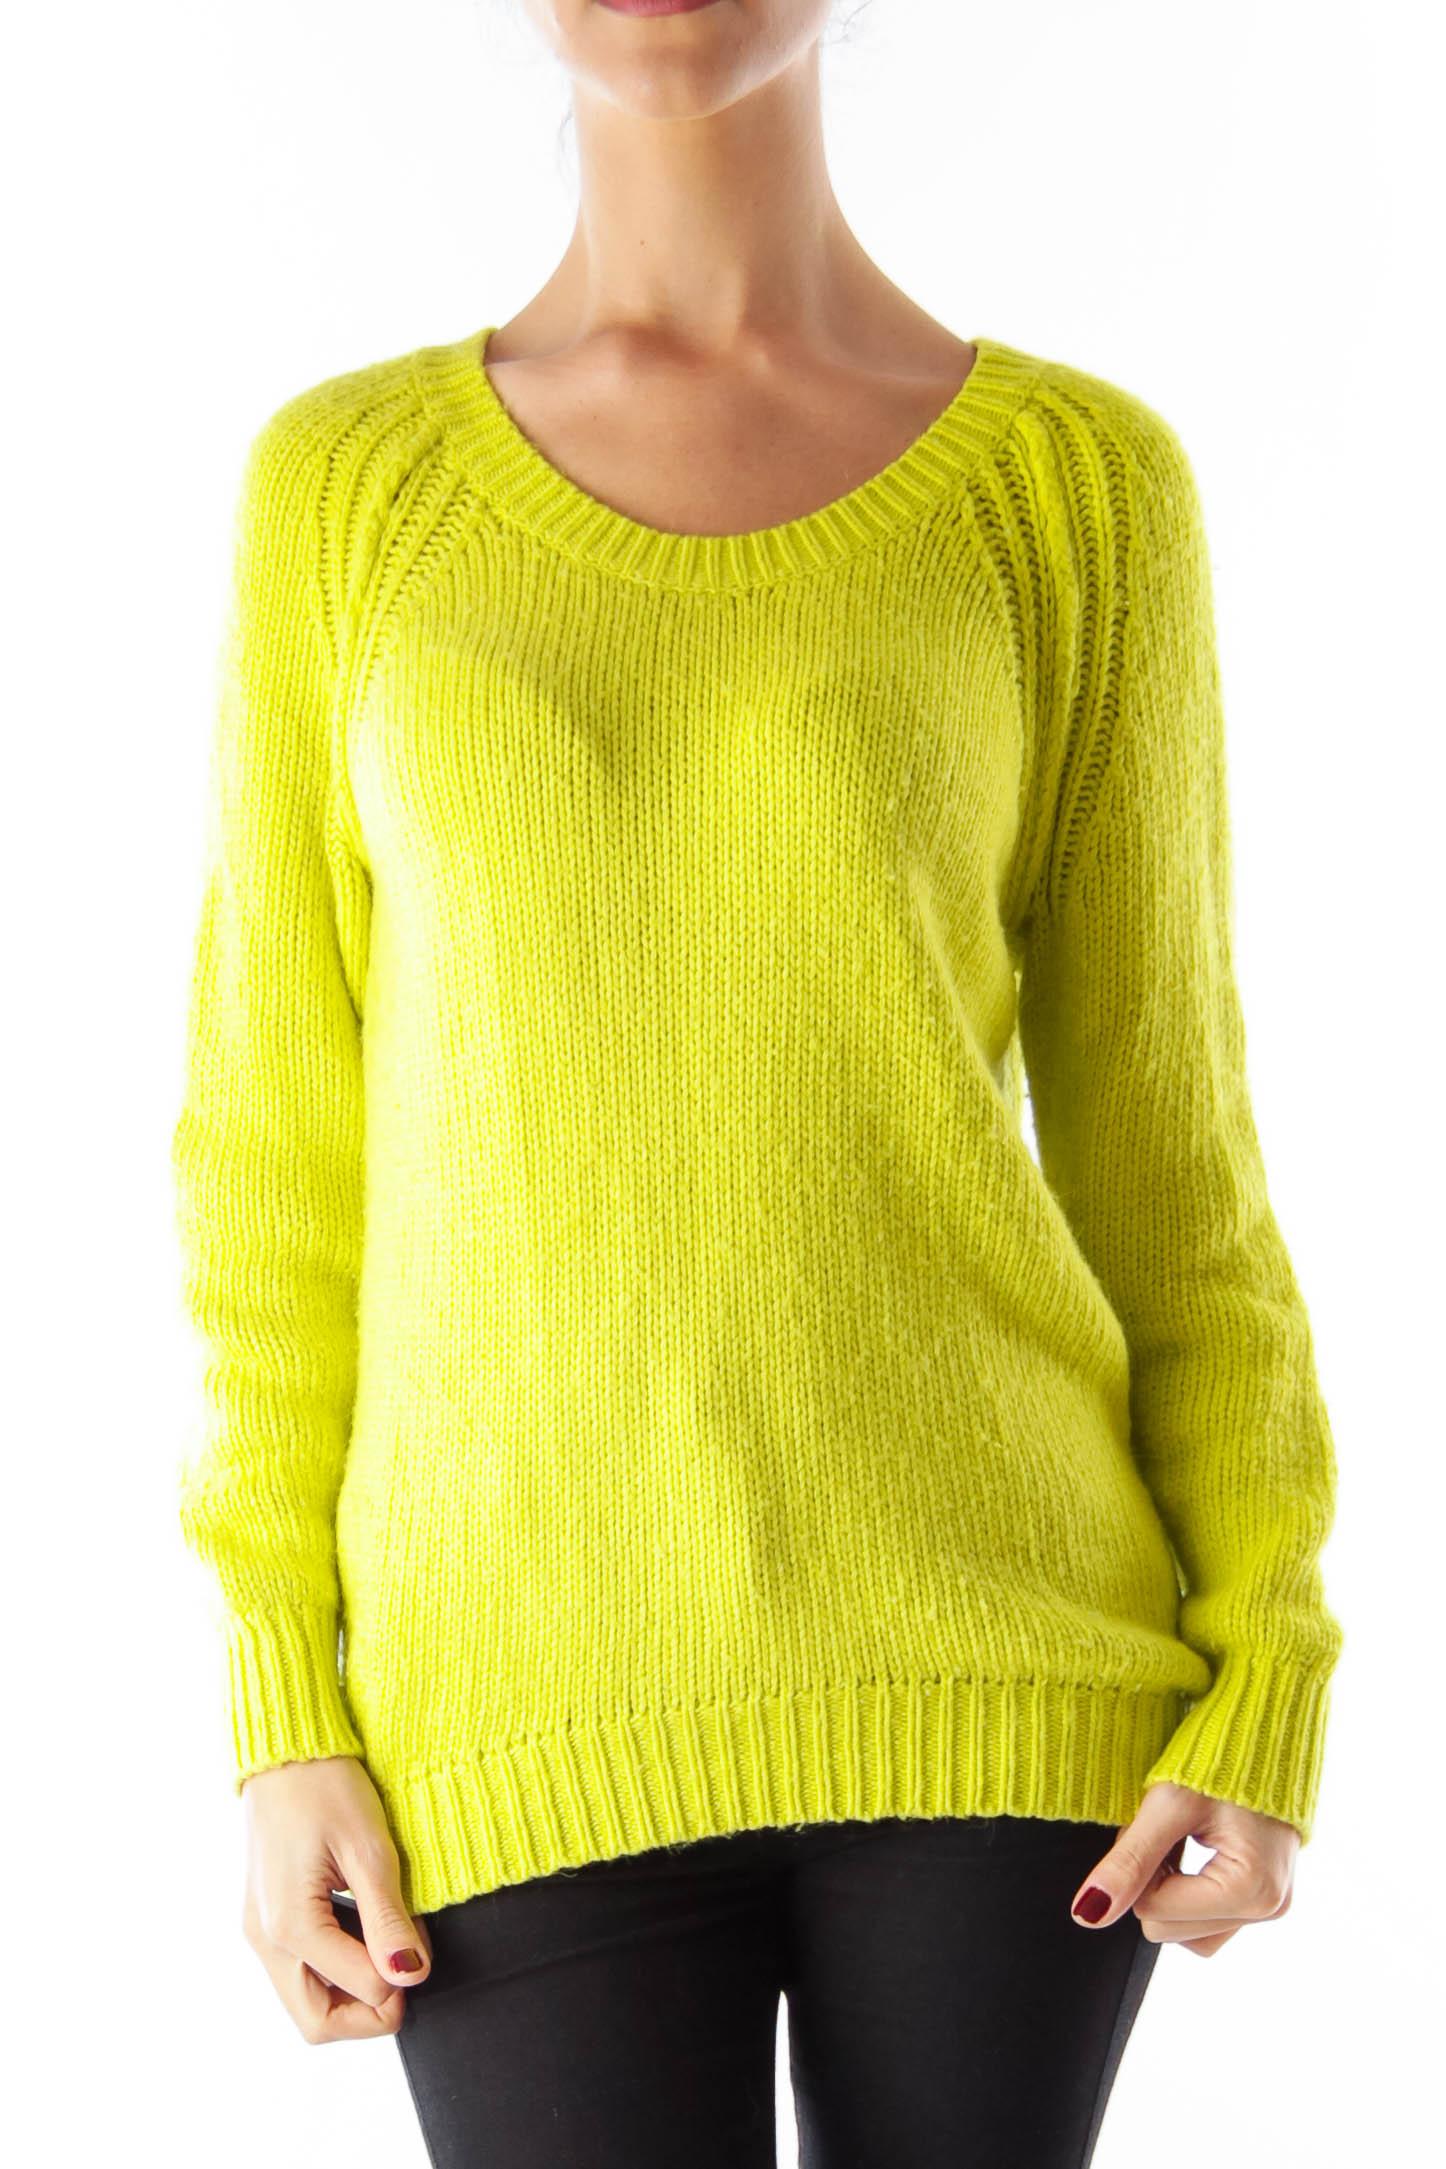 Lemon Green Sweater [S] - SilkRoll